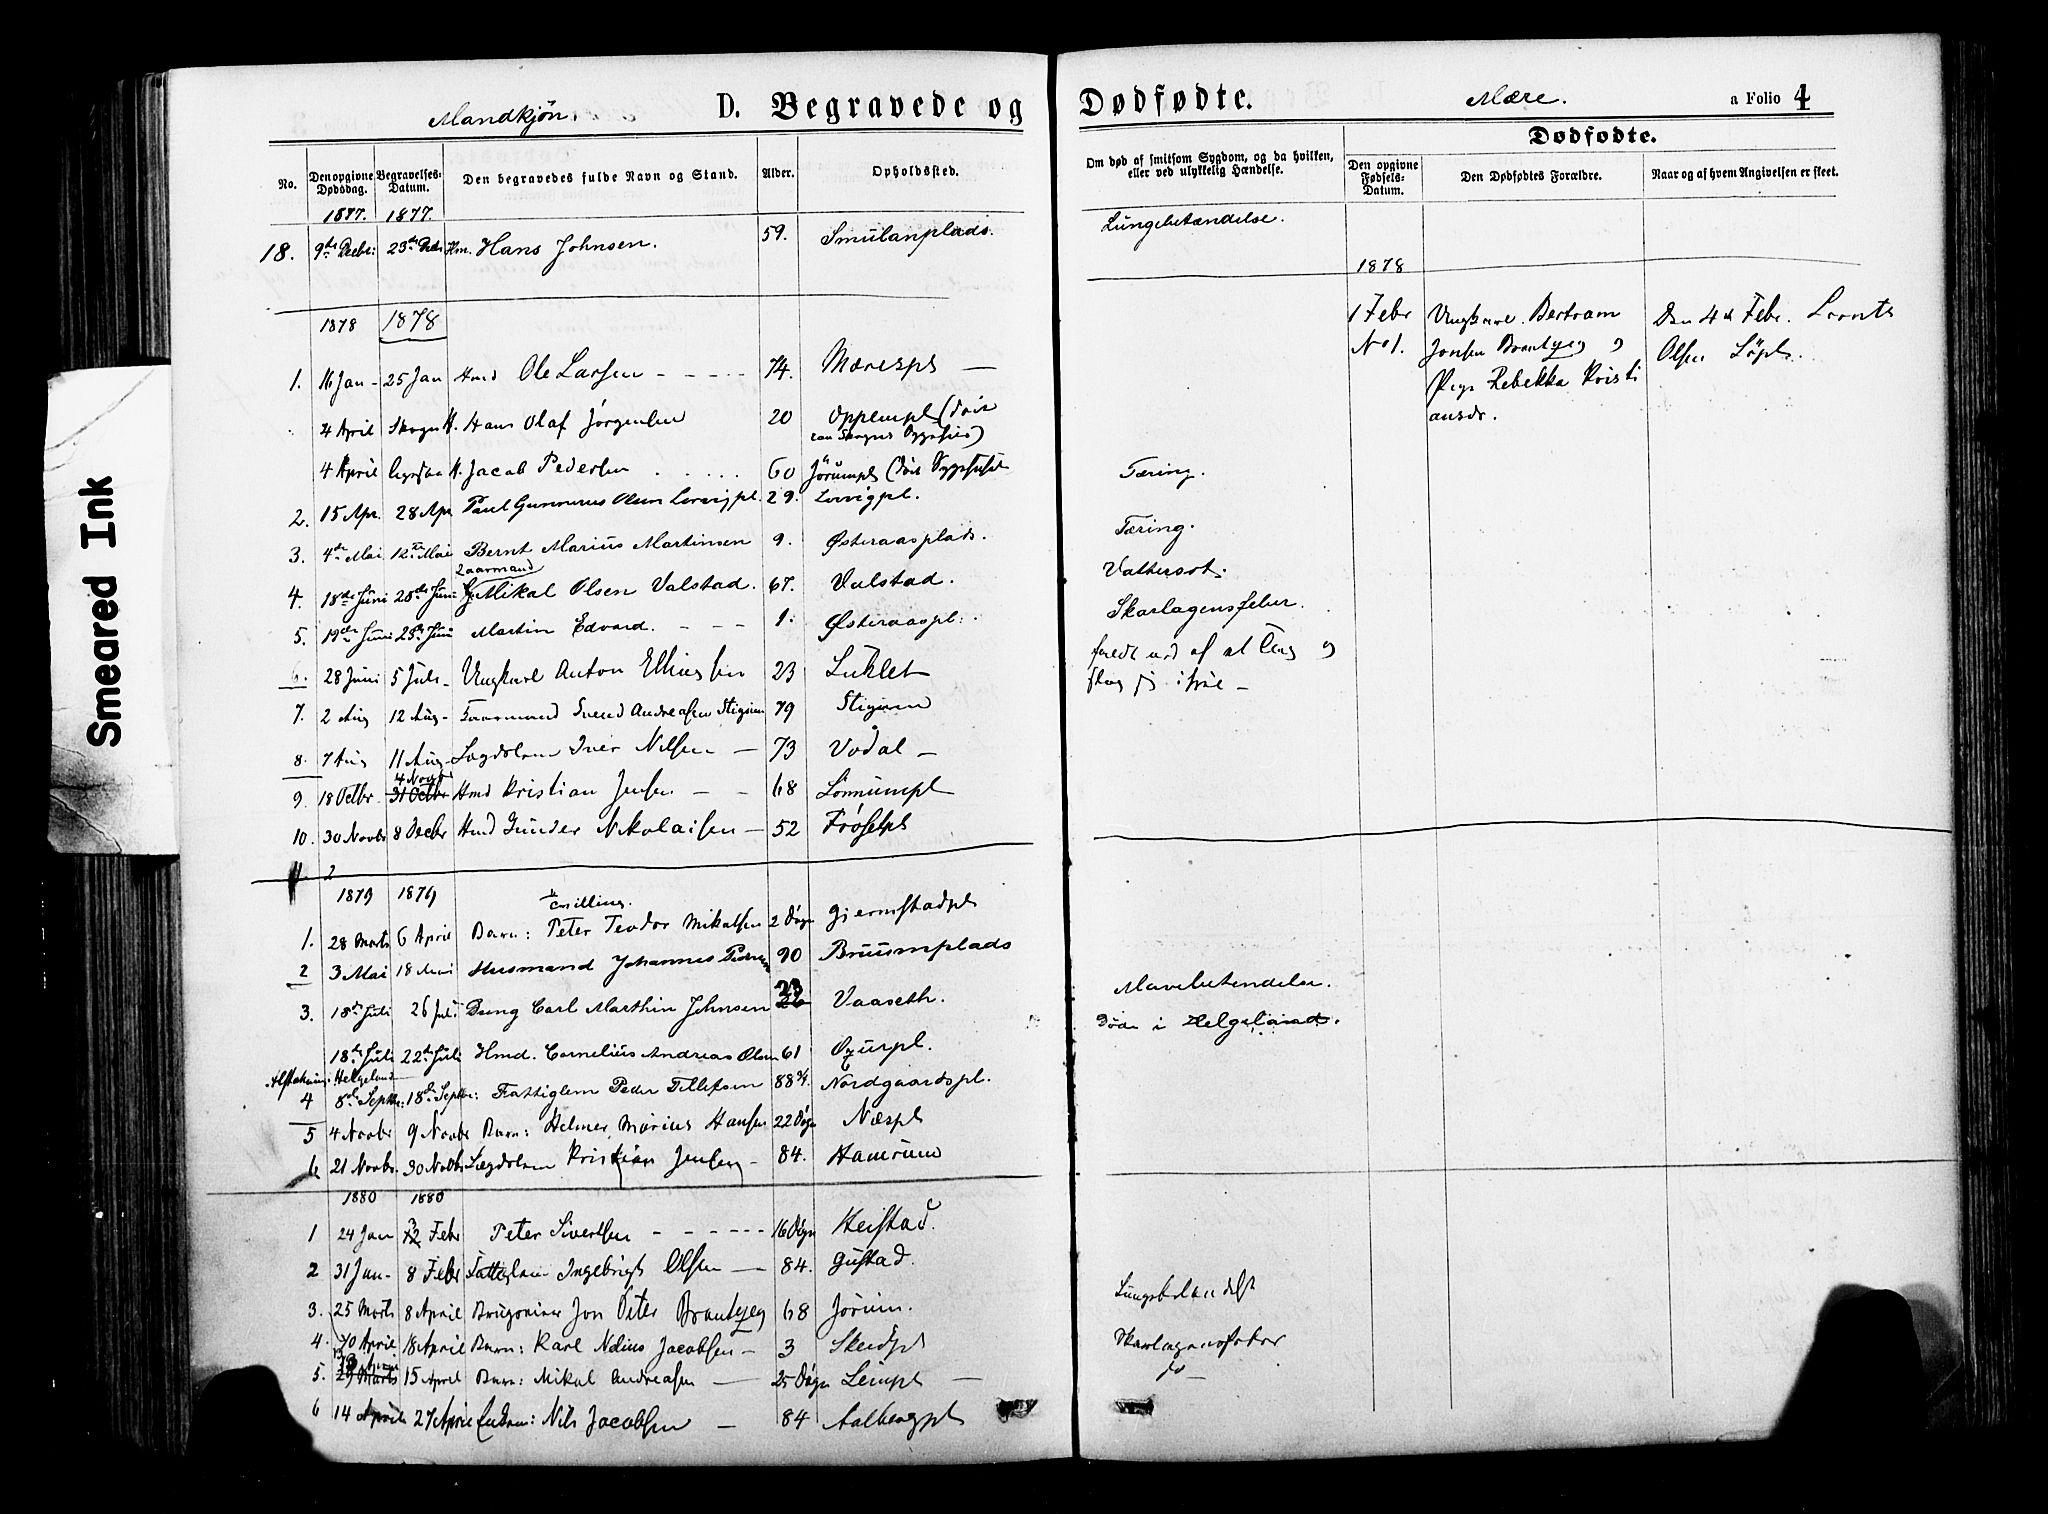 SAT, Ministerialprotokoller, klokkerbøker og fødselsregistre - Nord-Trøndelag, 735/L0348: Ministerialbok nr. 735A09 /1, 1873-1883, s. 4